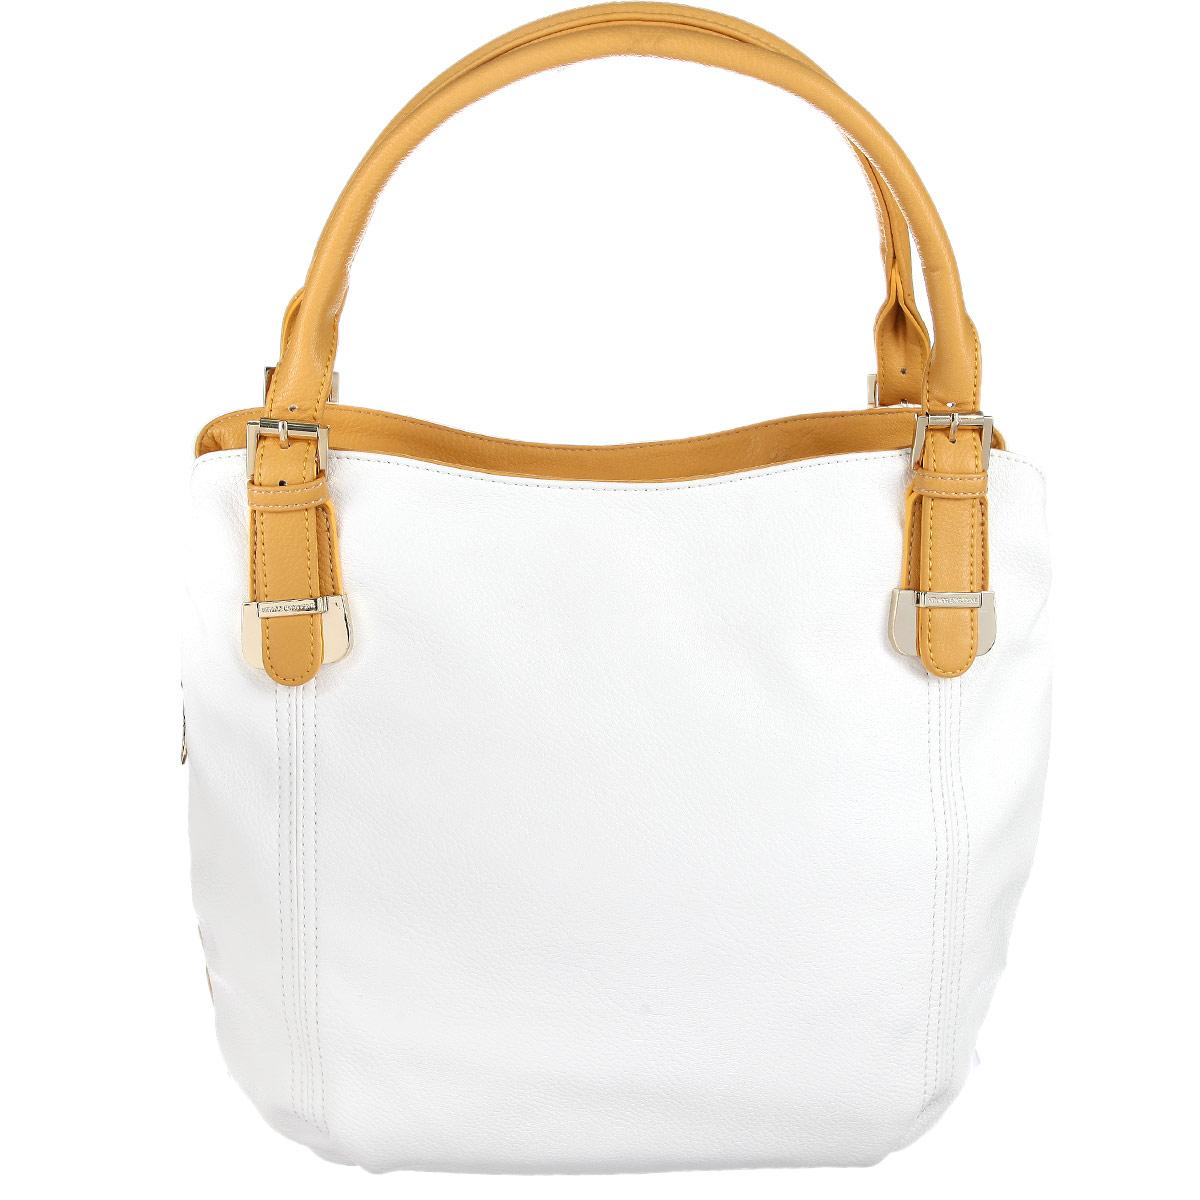 Сумка женская Vitacci, цвет: белый, желтый. VE0374VE0374Изысканная женская сумка Vitacci выполнена из высококачественной экокожи. Сумка закрывается на пластиковую застежку-молнию. Внутри - большое отделение с большим карманом на застежке-молнии, небольшой втачной кармашек на застежке-молнии и два накладных кармашка для телефона, мелочей. На задней стенке - втачной карман на застежке-молнии. Роскошная сумка внесет элегантные нотки в ваш образ и подчеркнет ваше отменное чувство стиля.